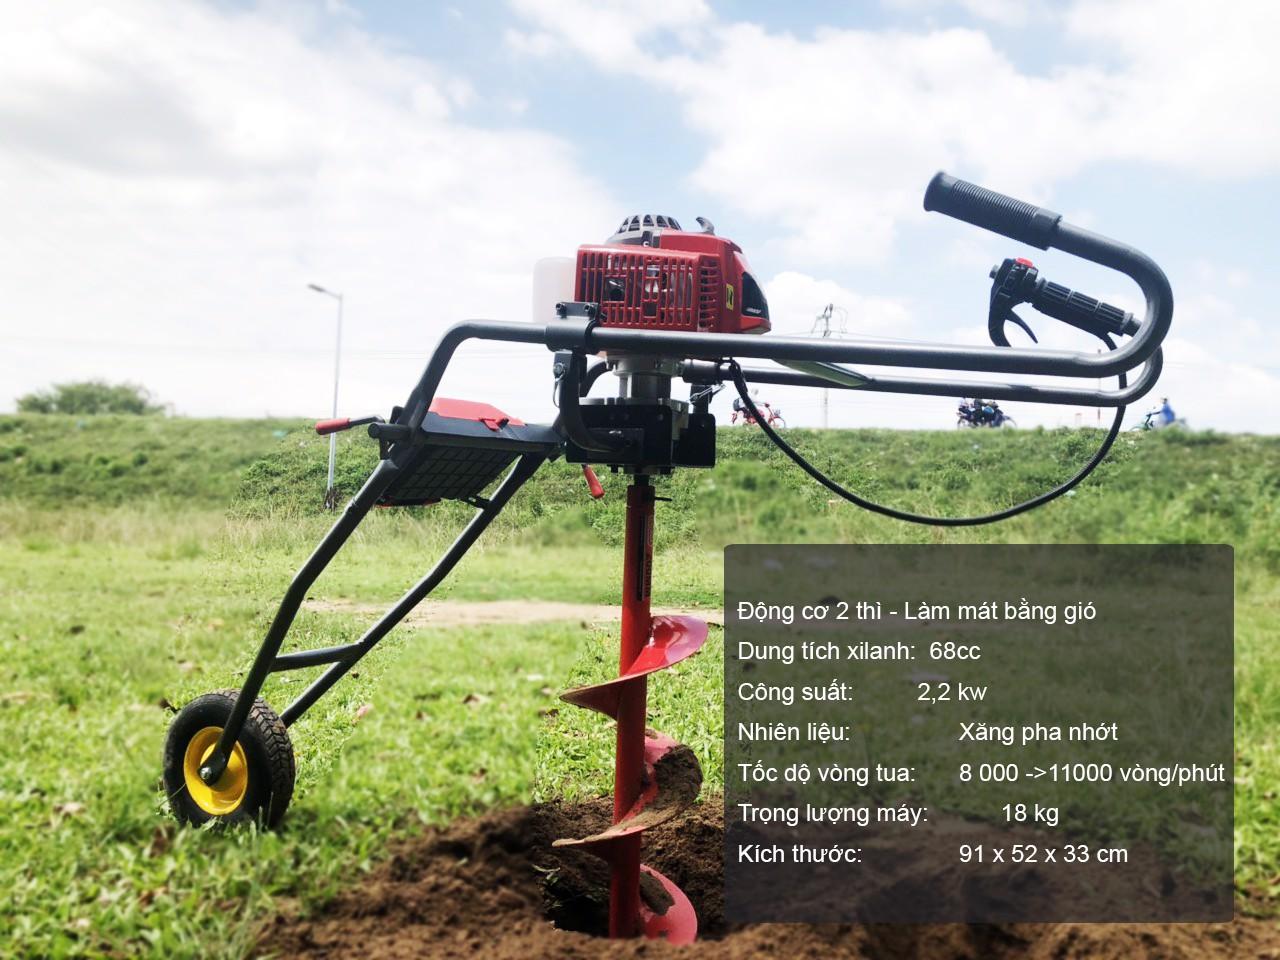 www.123nhanh.com: Máy khoan đất đào hố trồng cọc rào giá rẻ tại Hải Phòng